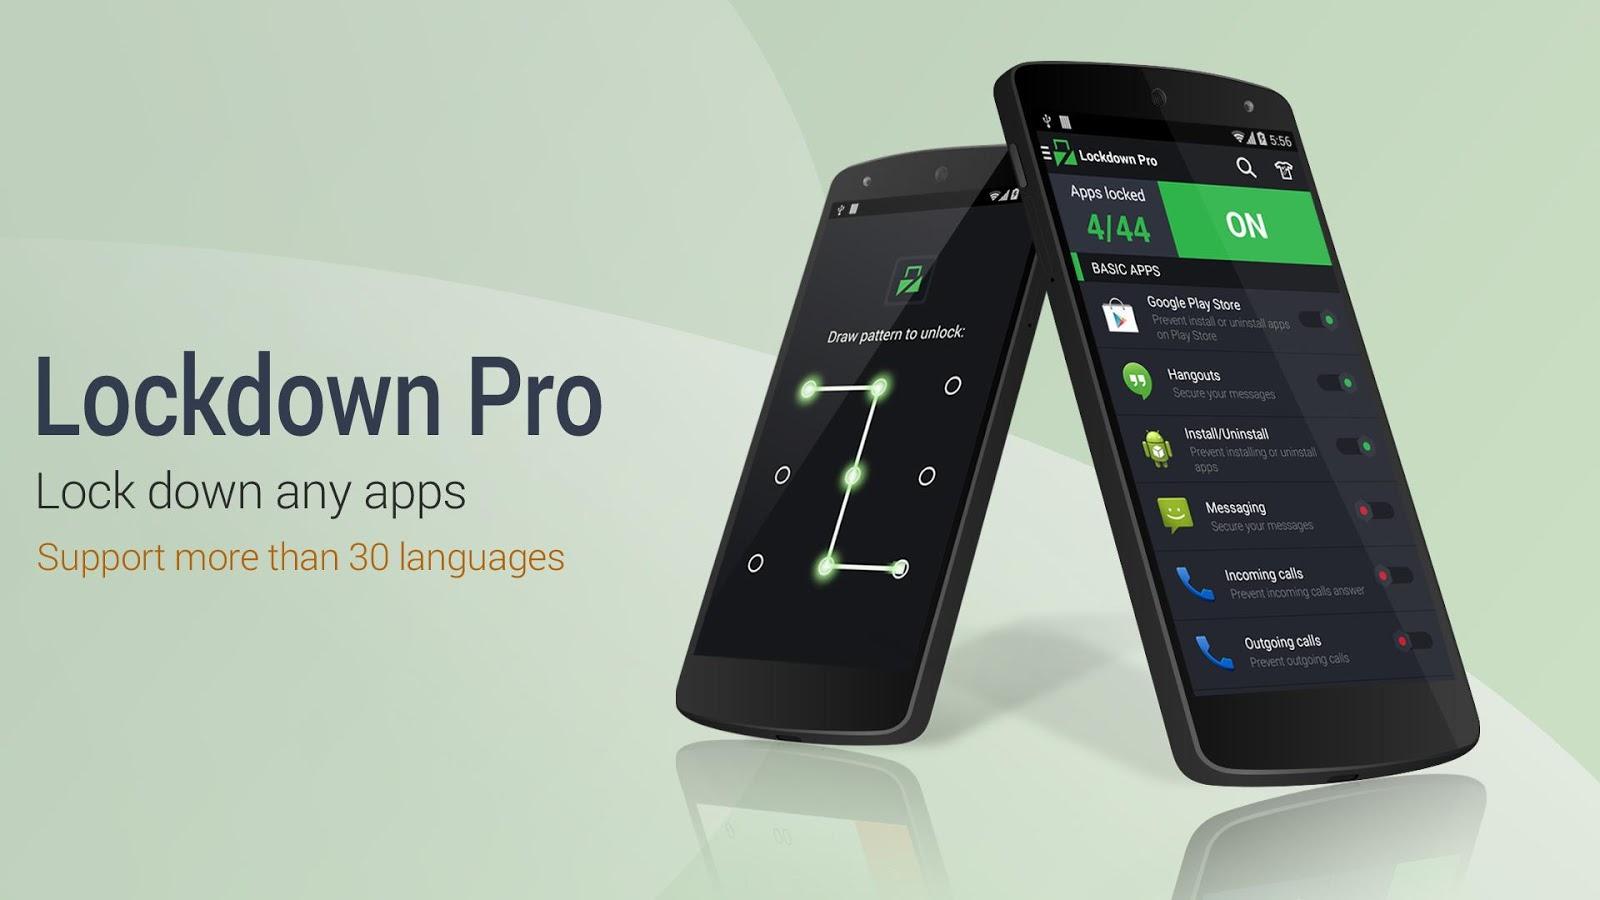 با LockDown Pro همه چیز را قفل گذاری کنید!(Android)